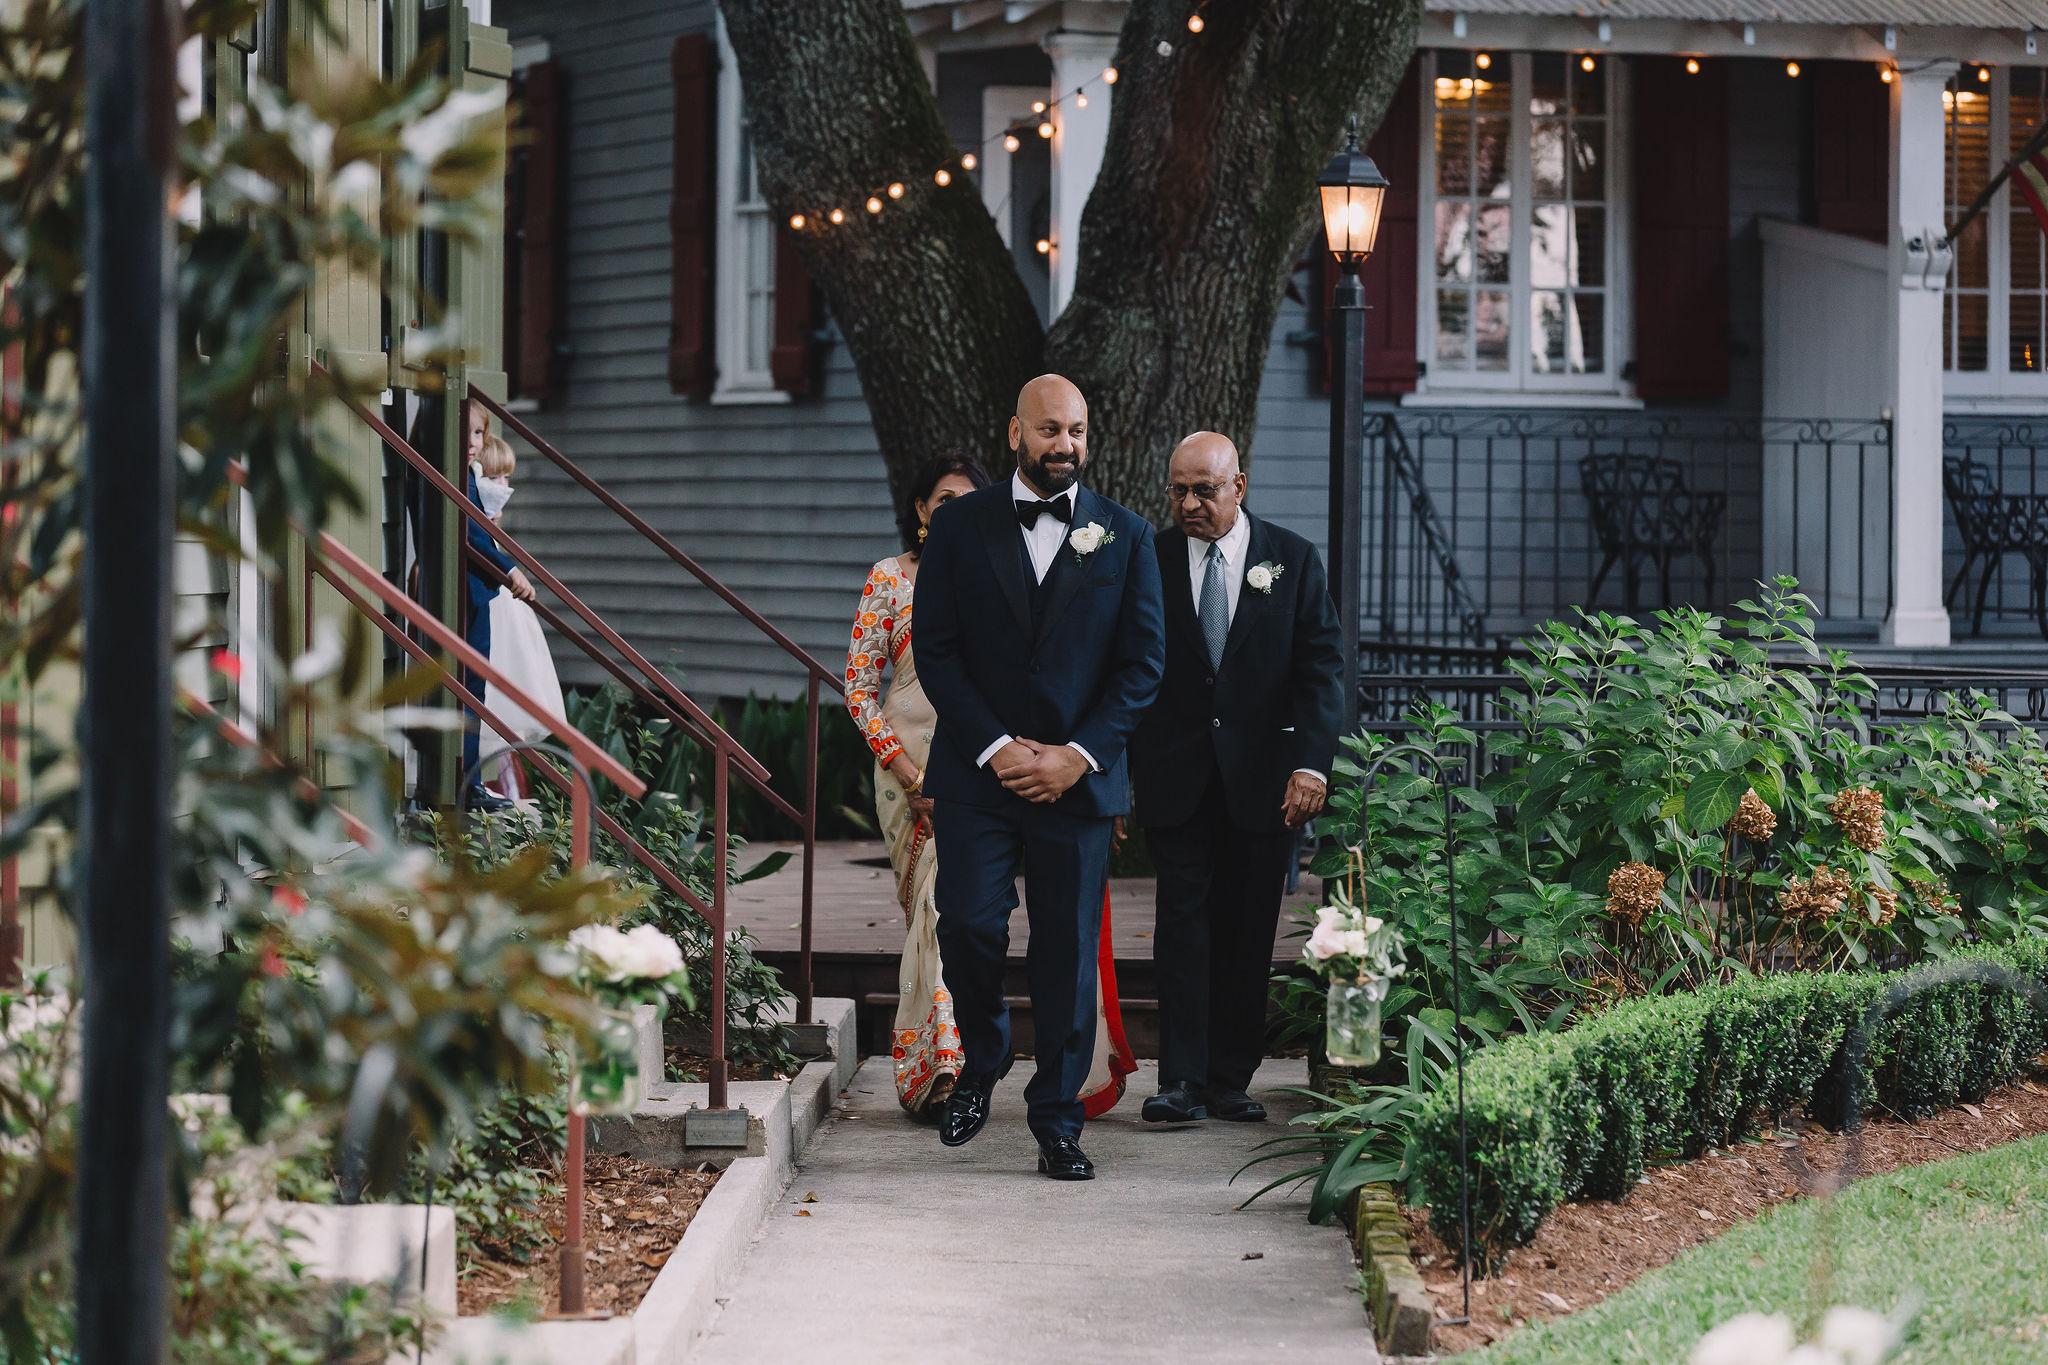 Jimmy walks to the wedding ceremony.